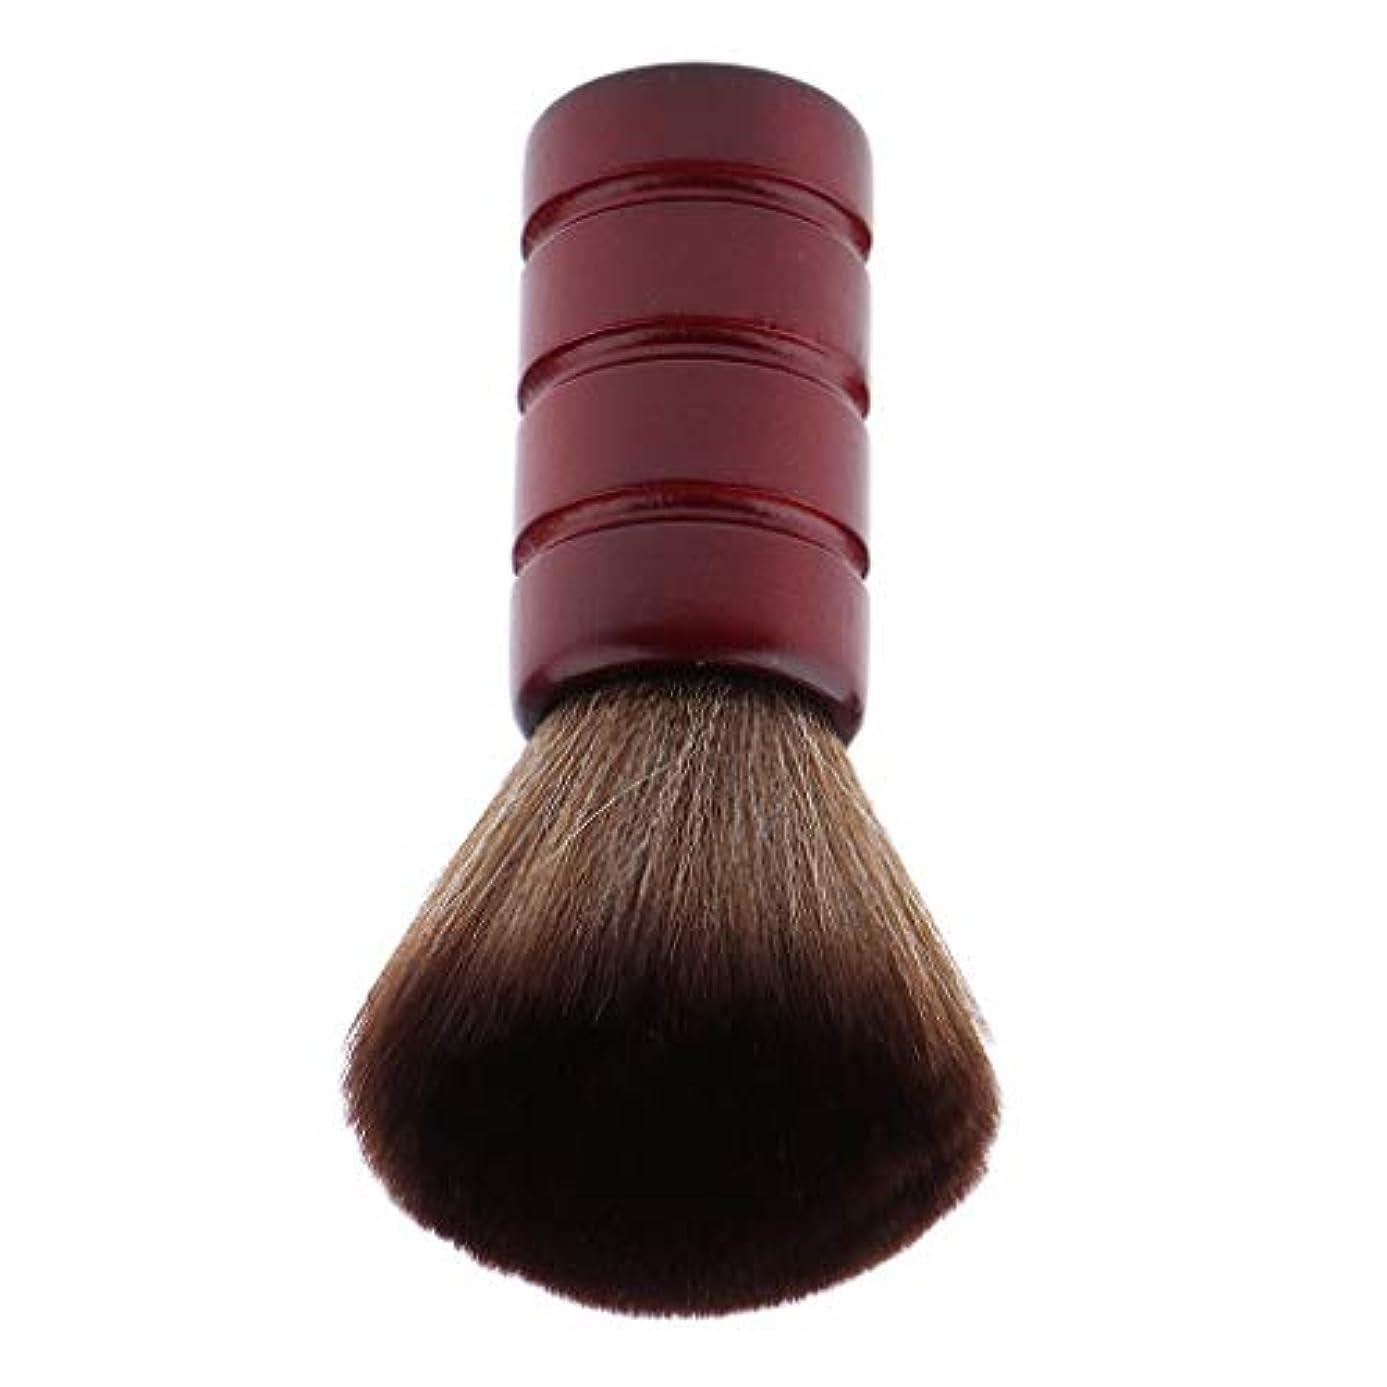 論理的にパウダー毛細血管F Fityle バーバー ネックダスターブラシ 理髪 サロン 顔のダスターブラシ シェービング ヘアカット ブラシ